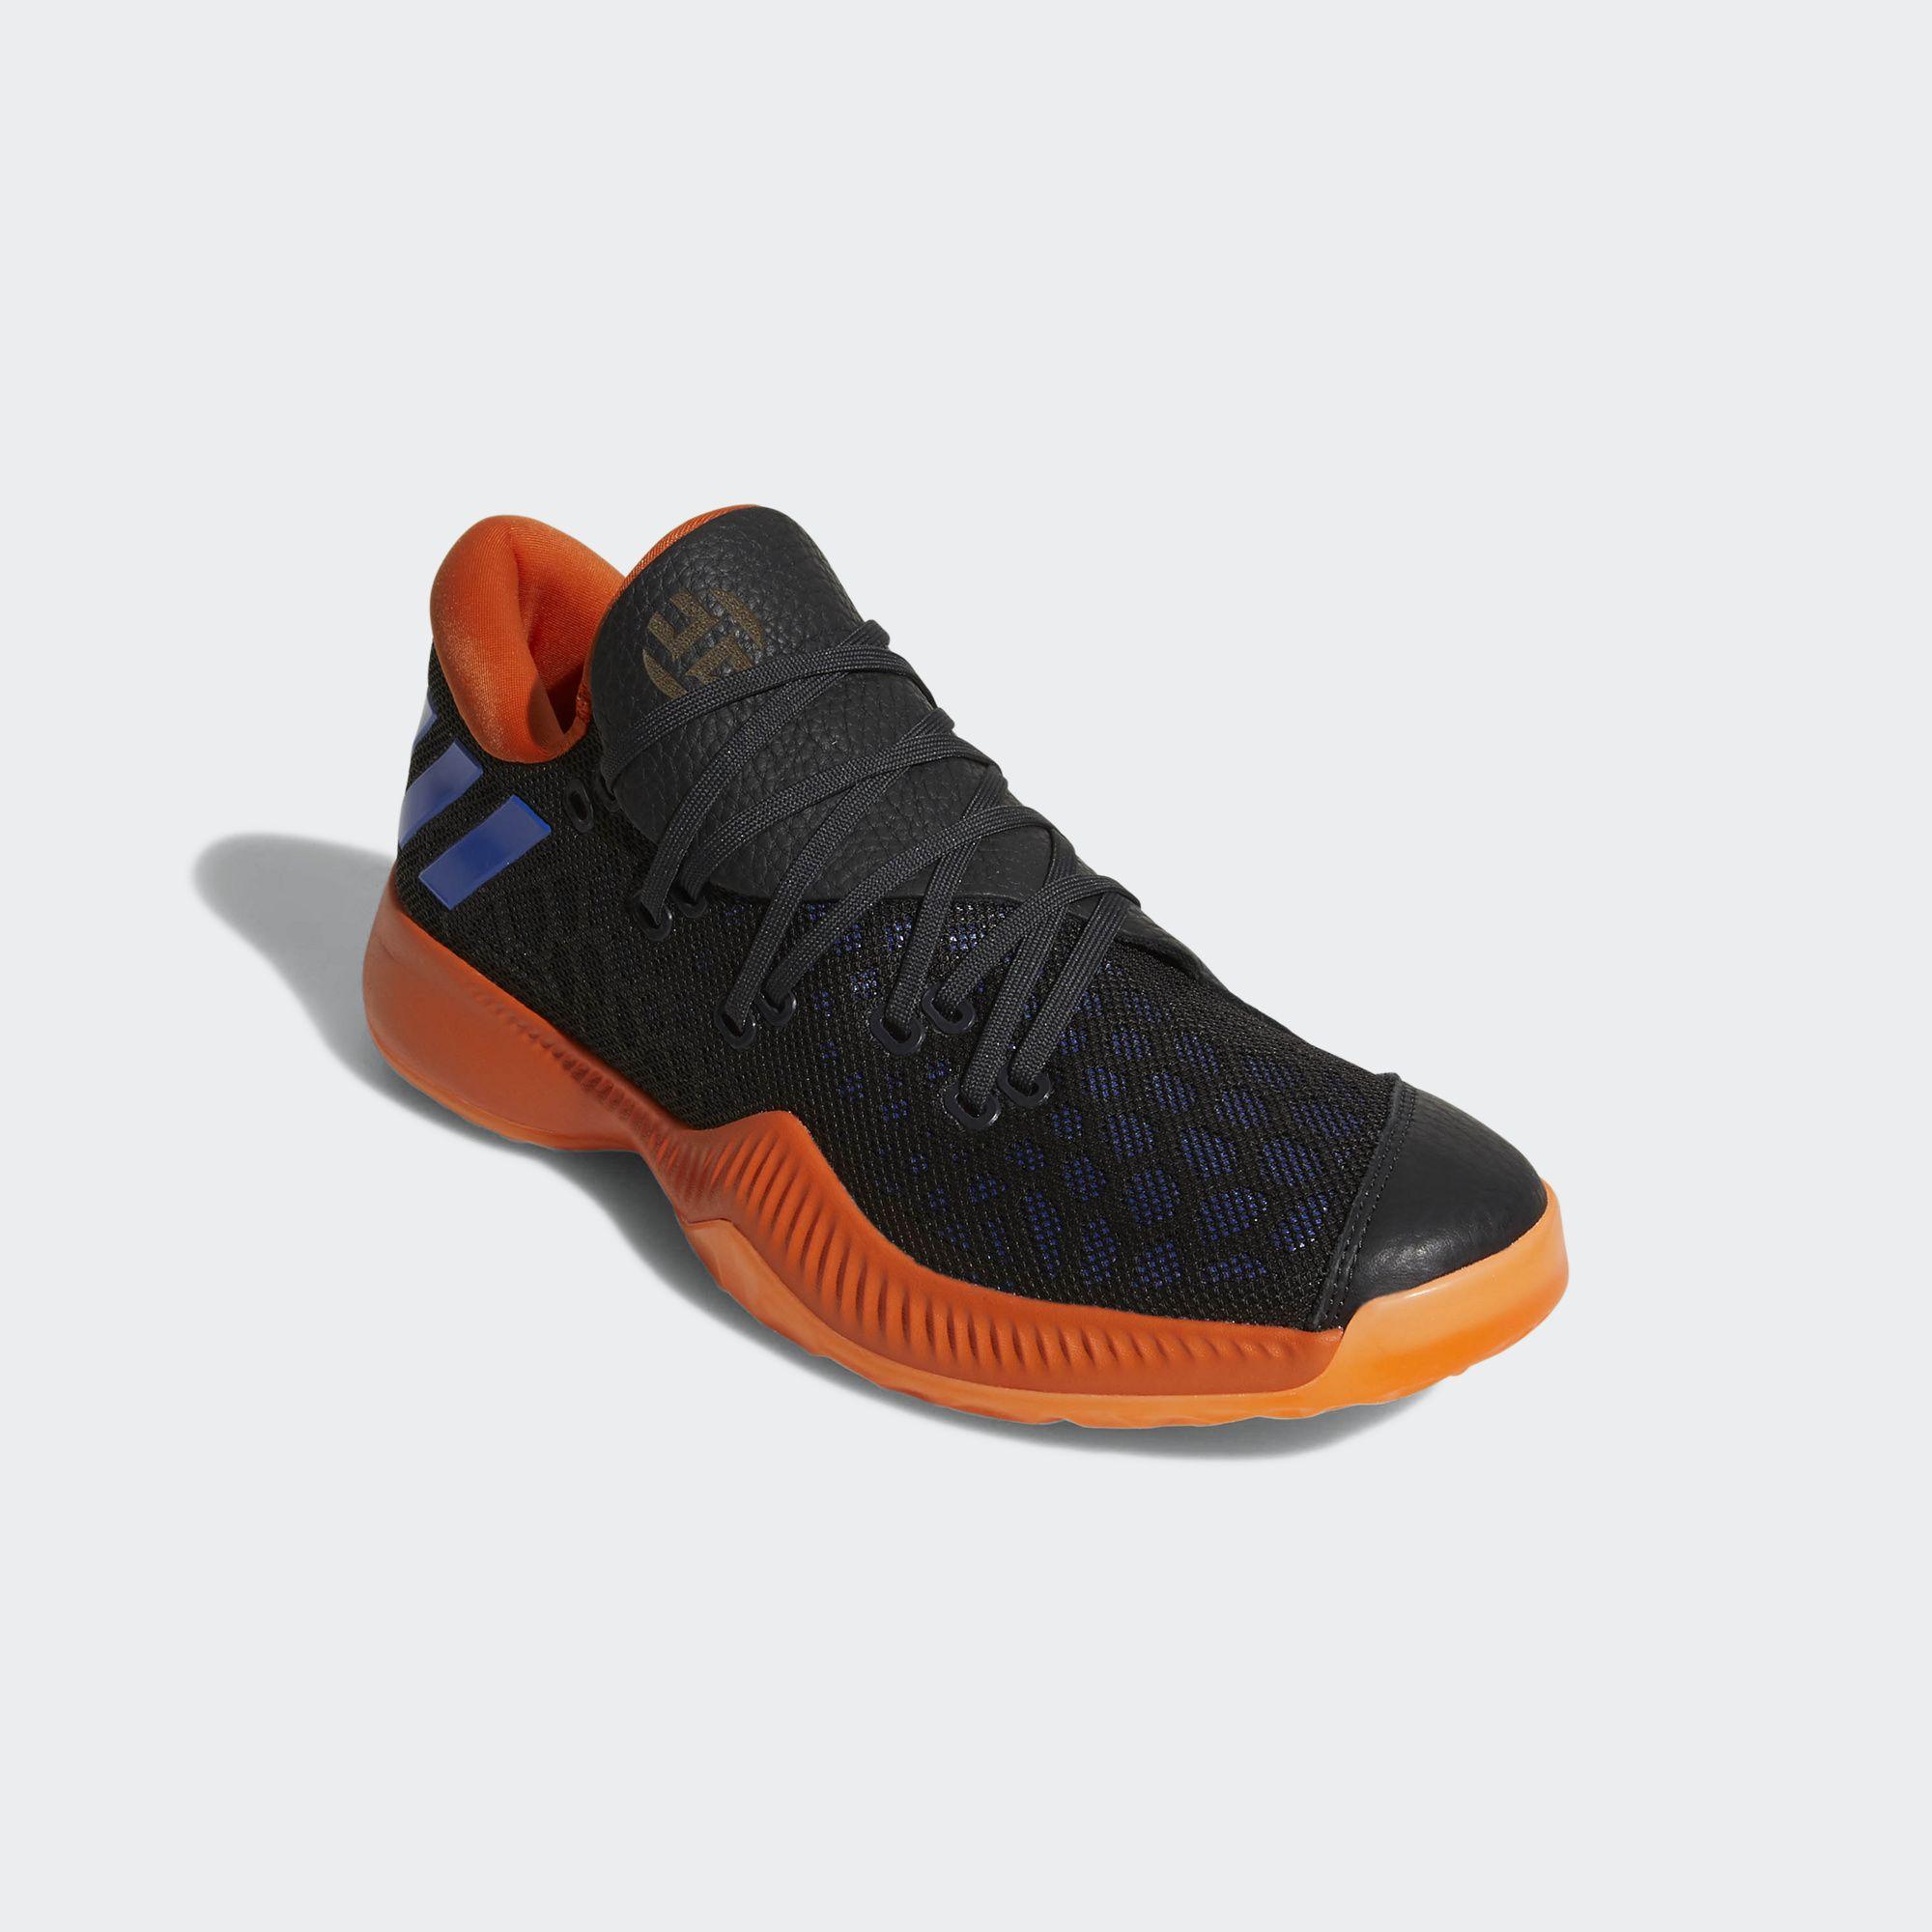 promo code 52faf f11ed ... cheapest adidas harden b e black orange blue 2 0785f 03306